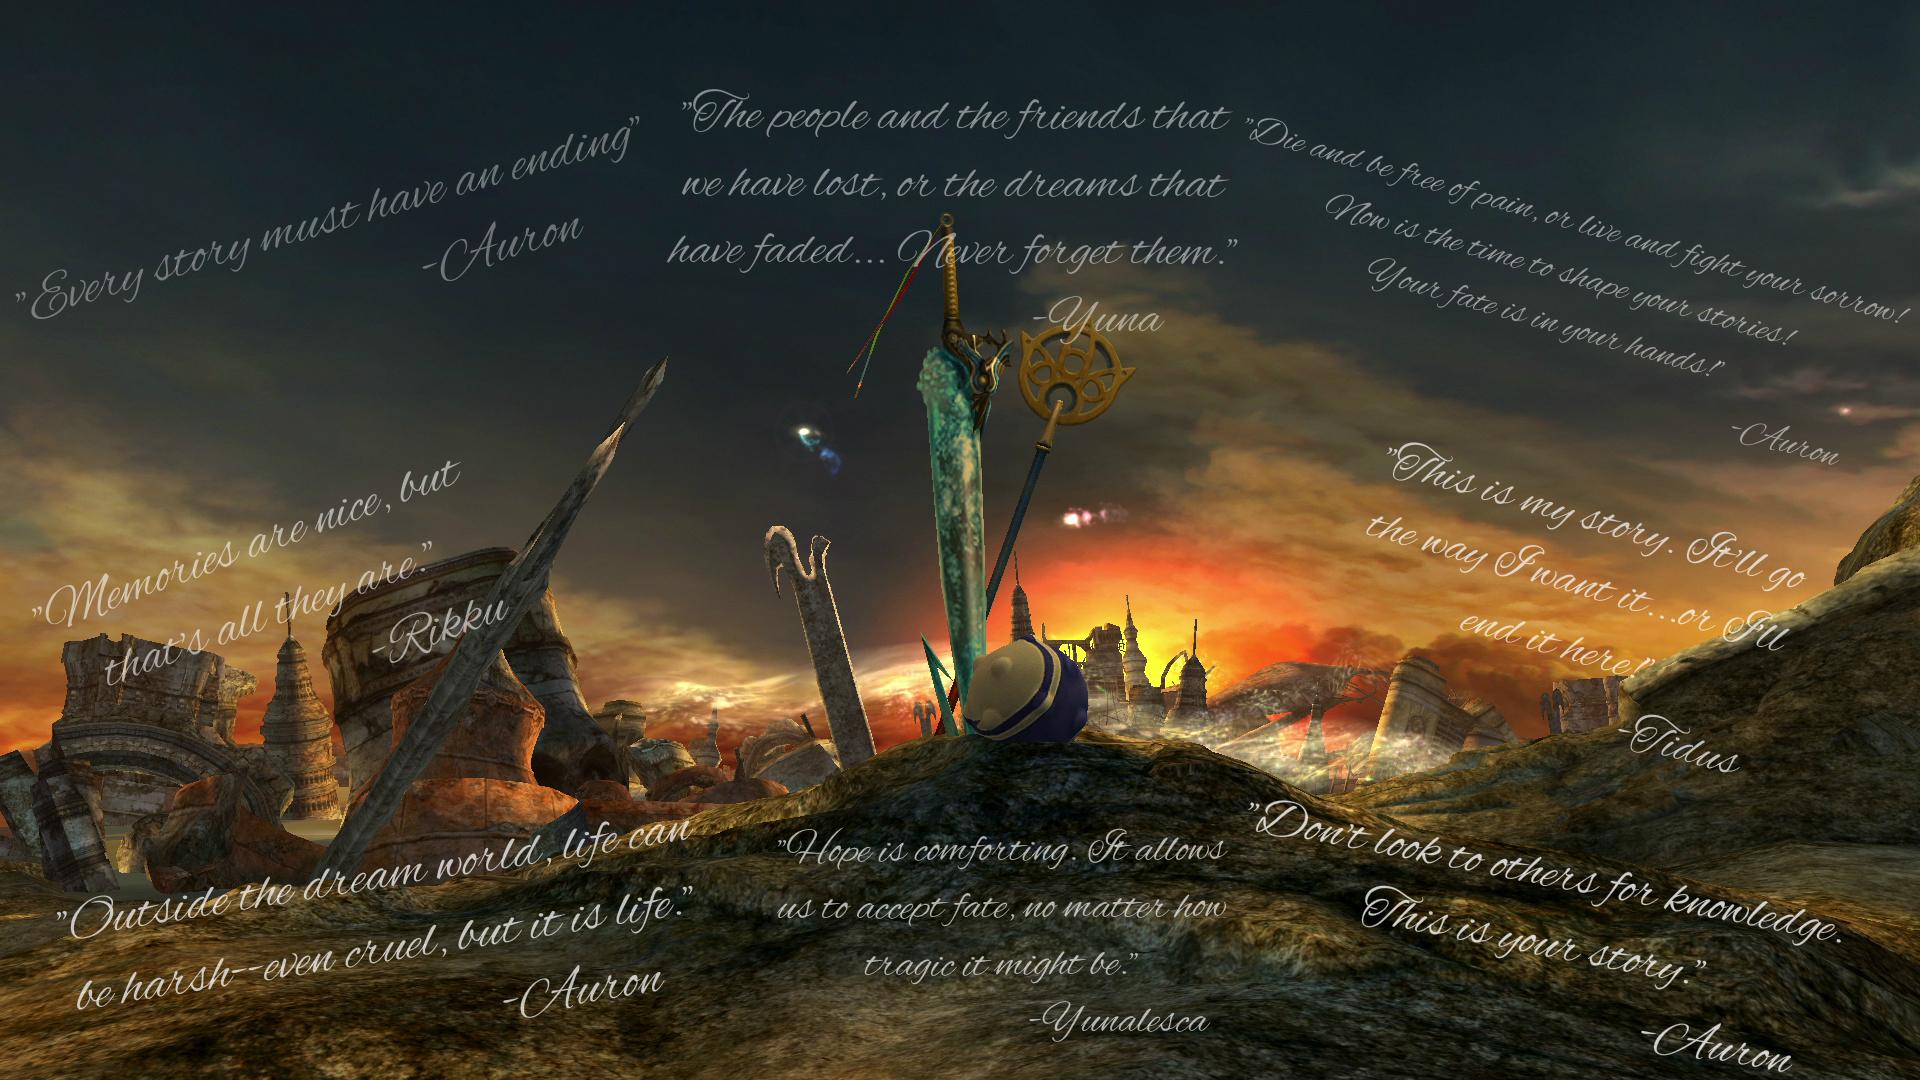 Final Fantasy 10 Wallpaper: Final Fantasy X Wallpaper (Quotes) By Kaet125 On DeviantArt